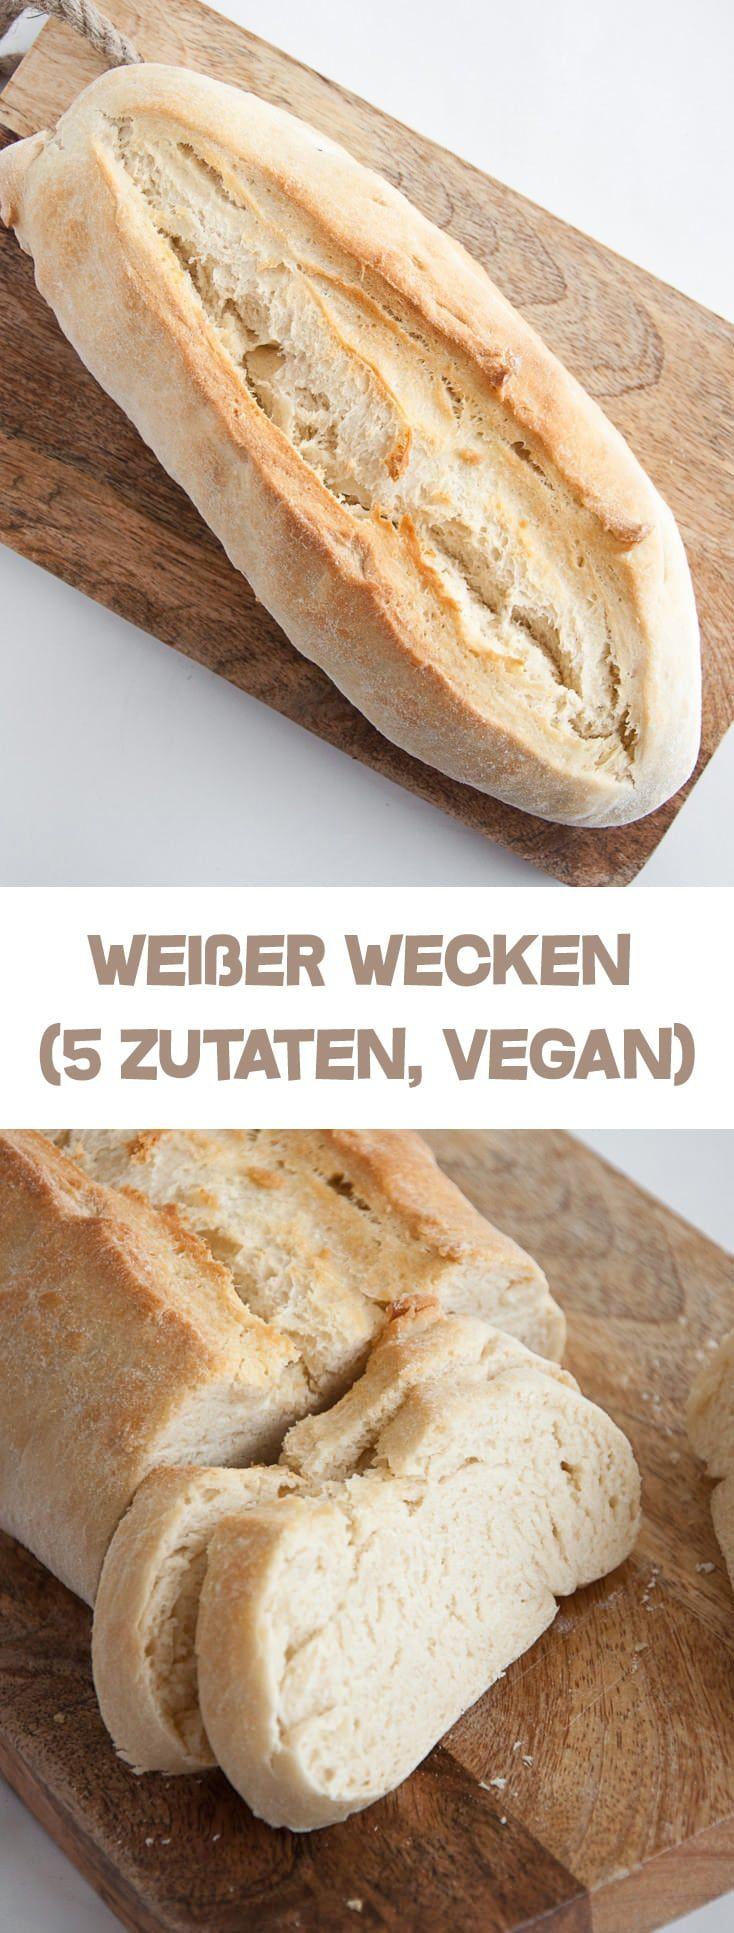 Veganer Weißer Wecken via @elephantasticv